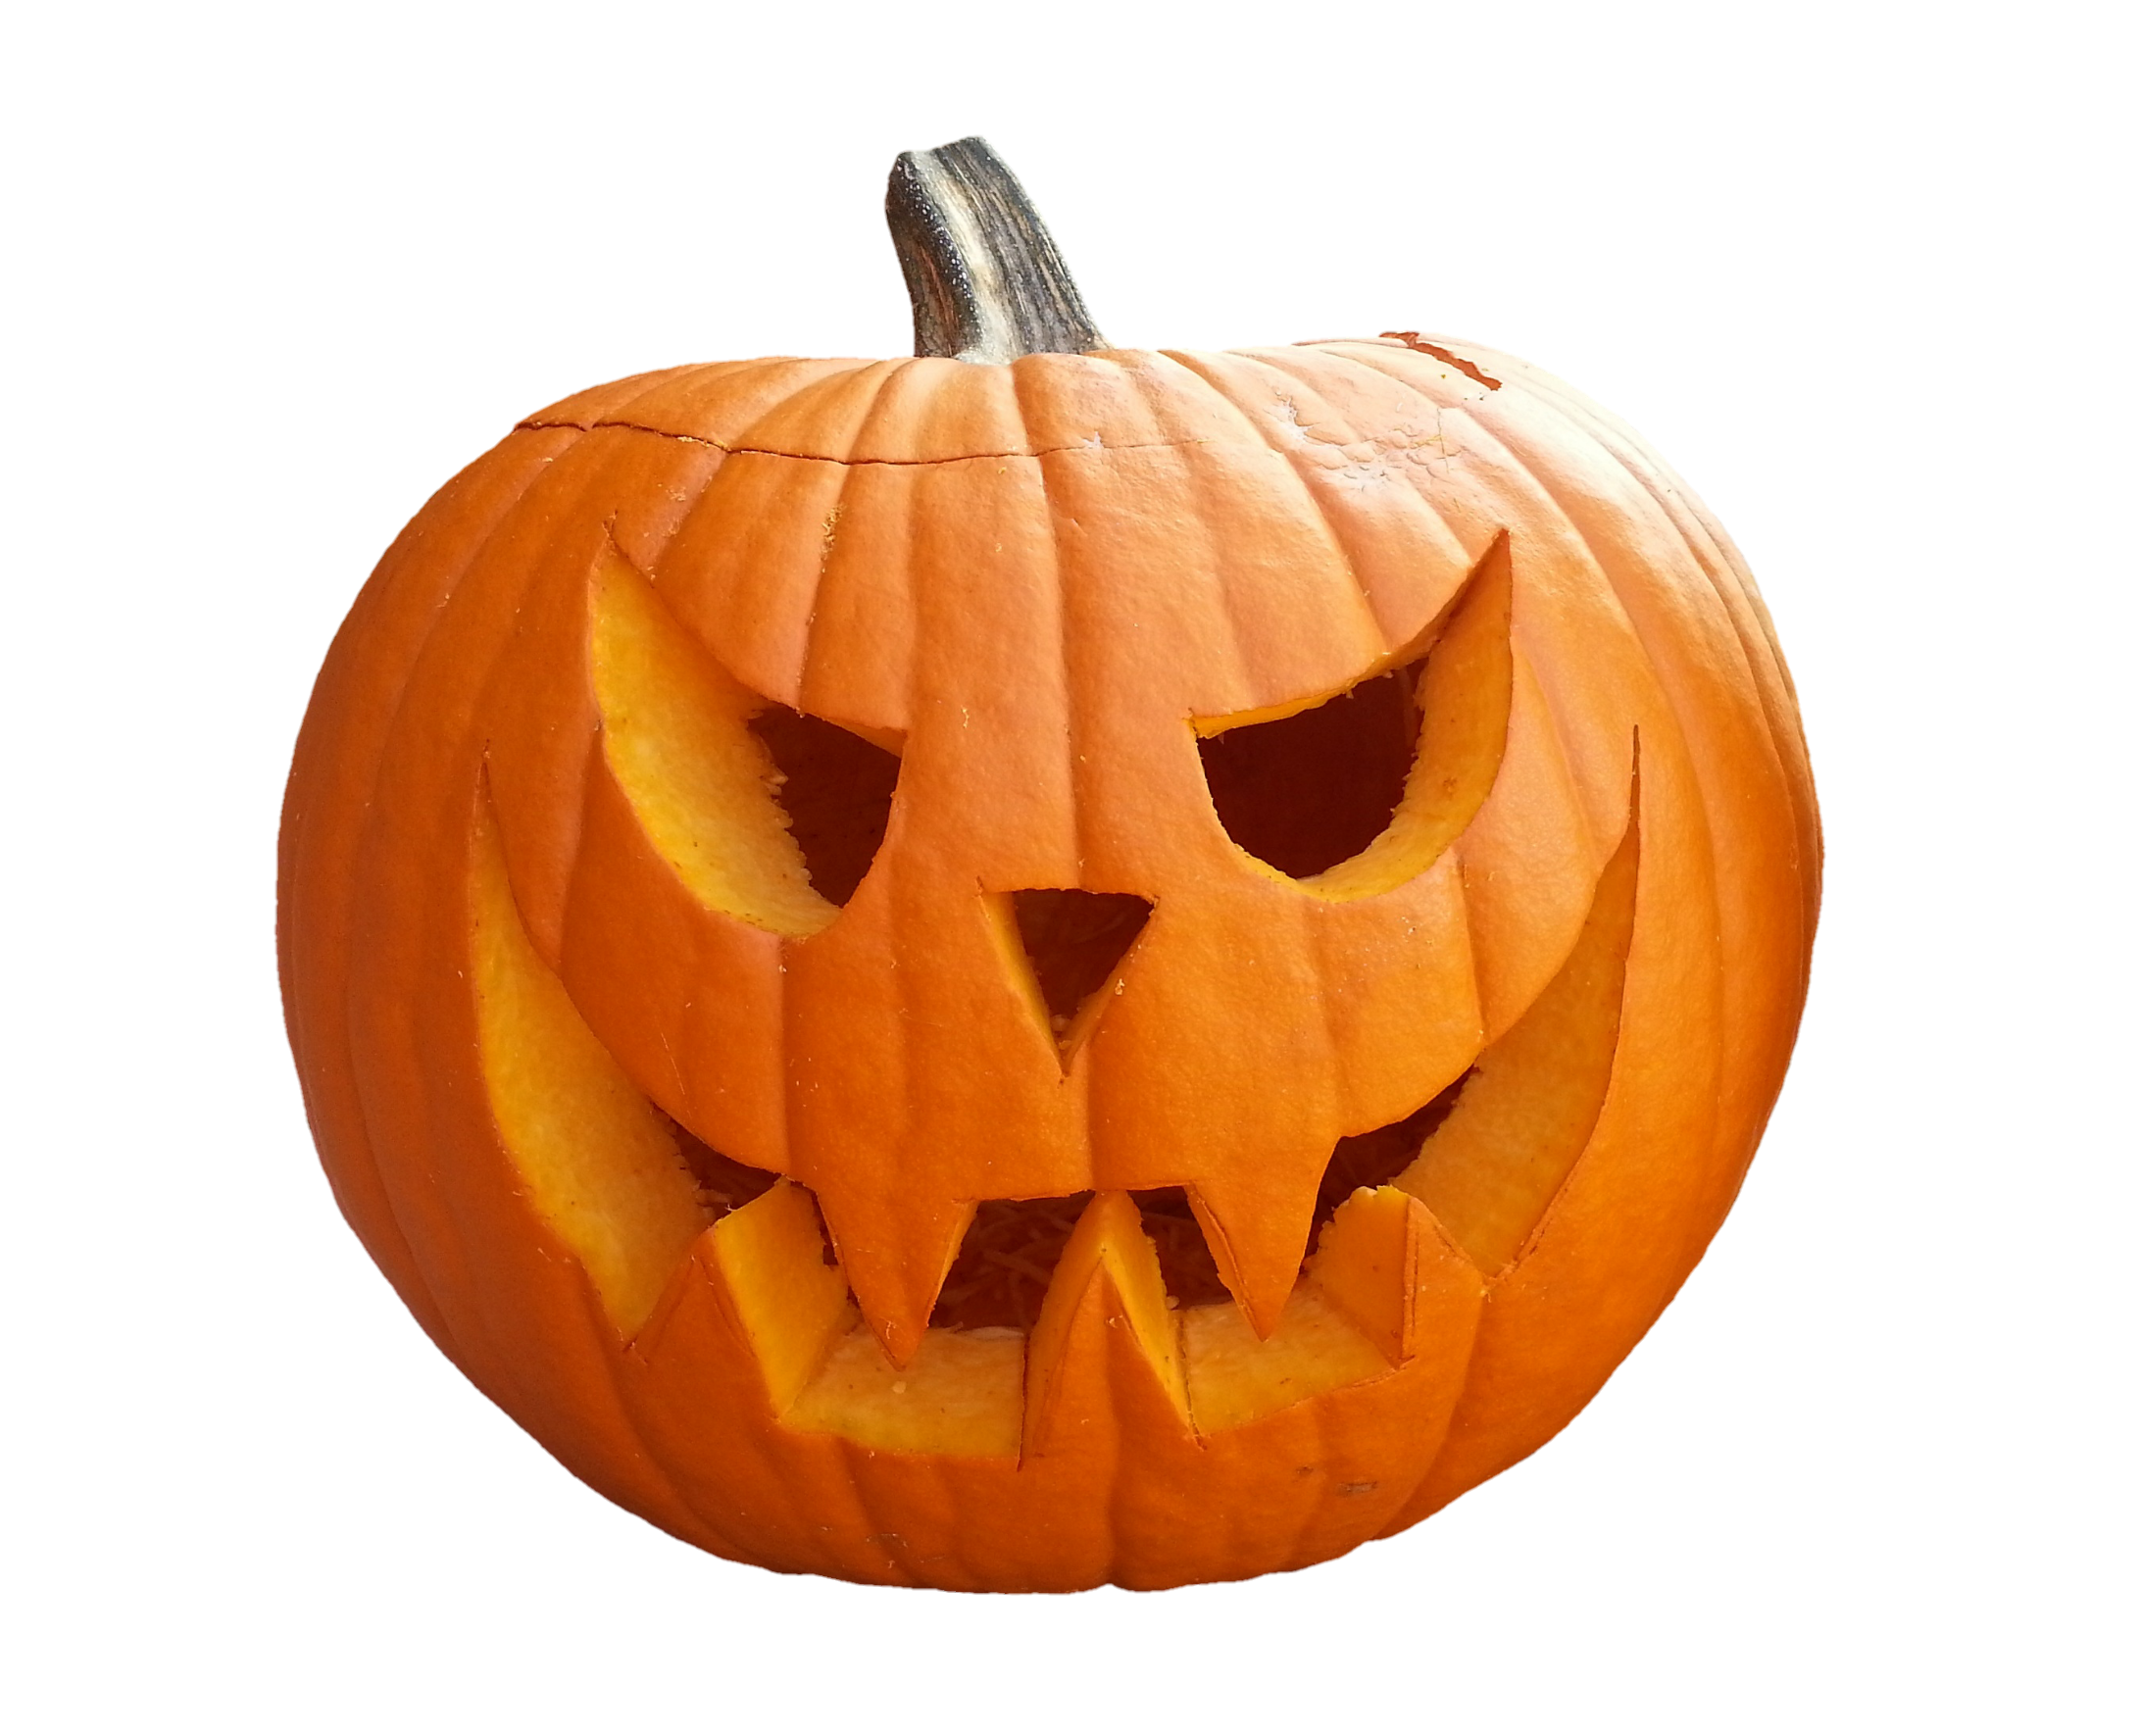 Halloween Pumpkin PNG Image.